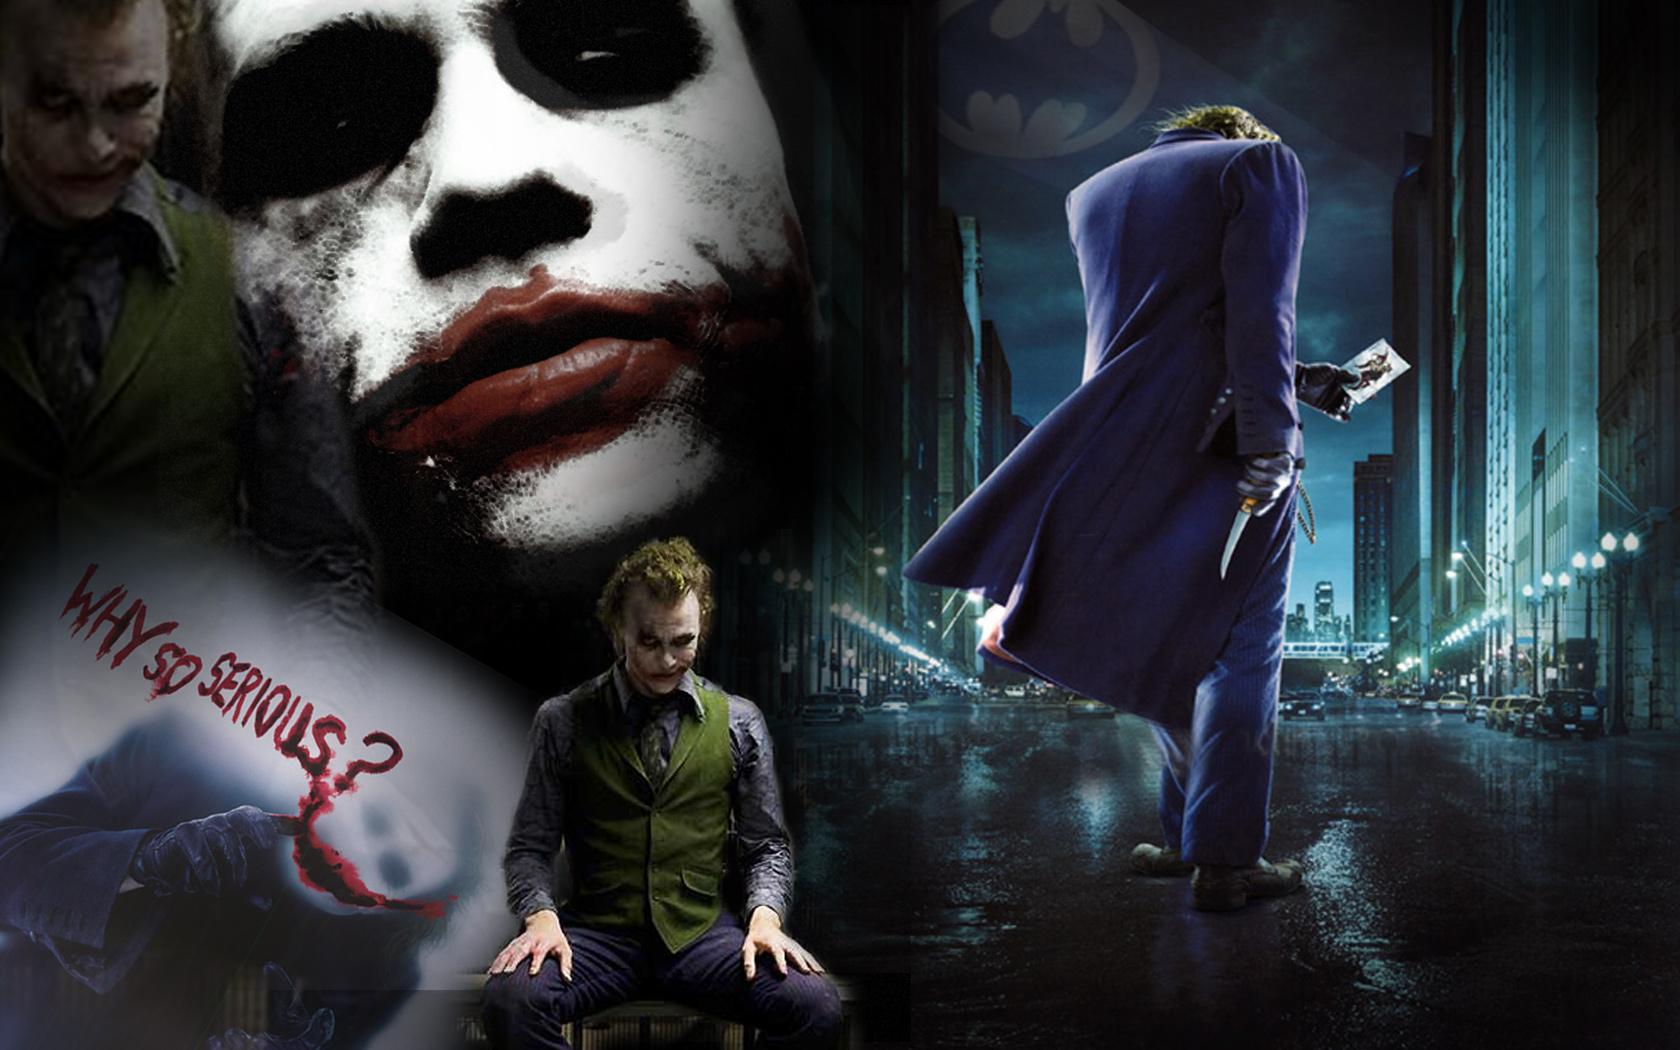 Wallpaper downloads cool wallpaper The New Joker   Heath Ledger 1680x1050